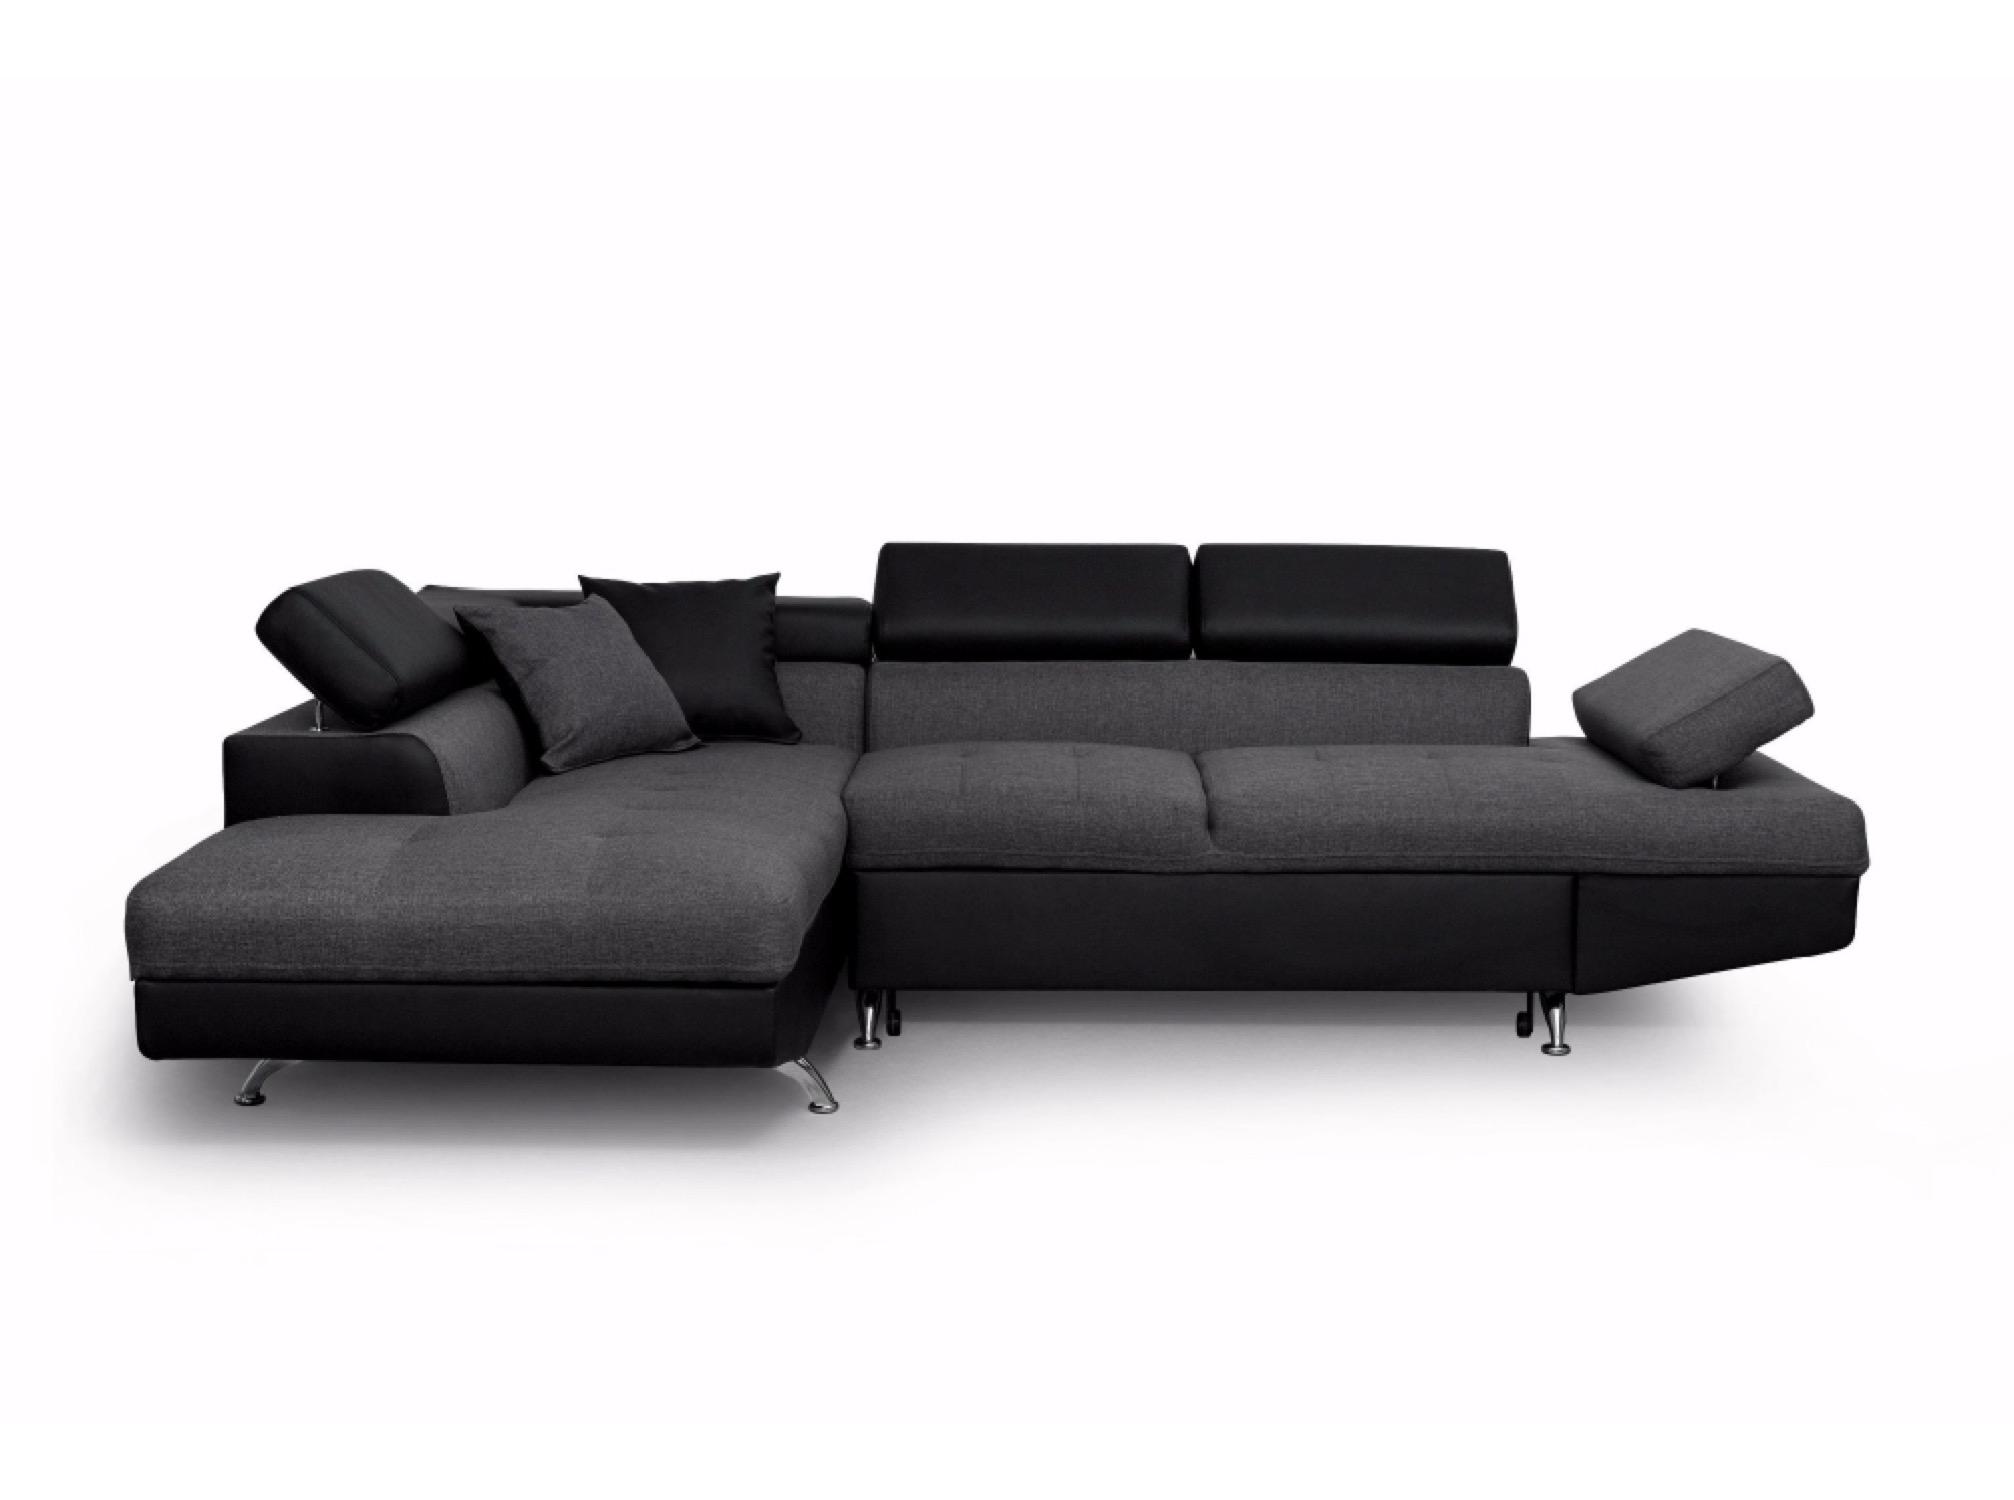 Canapé d'angle 5 places Noir Contemporain Confort